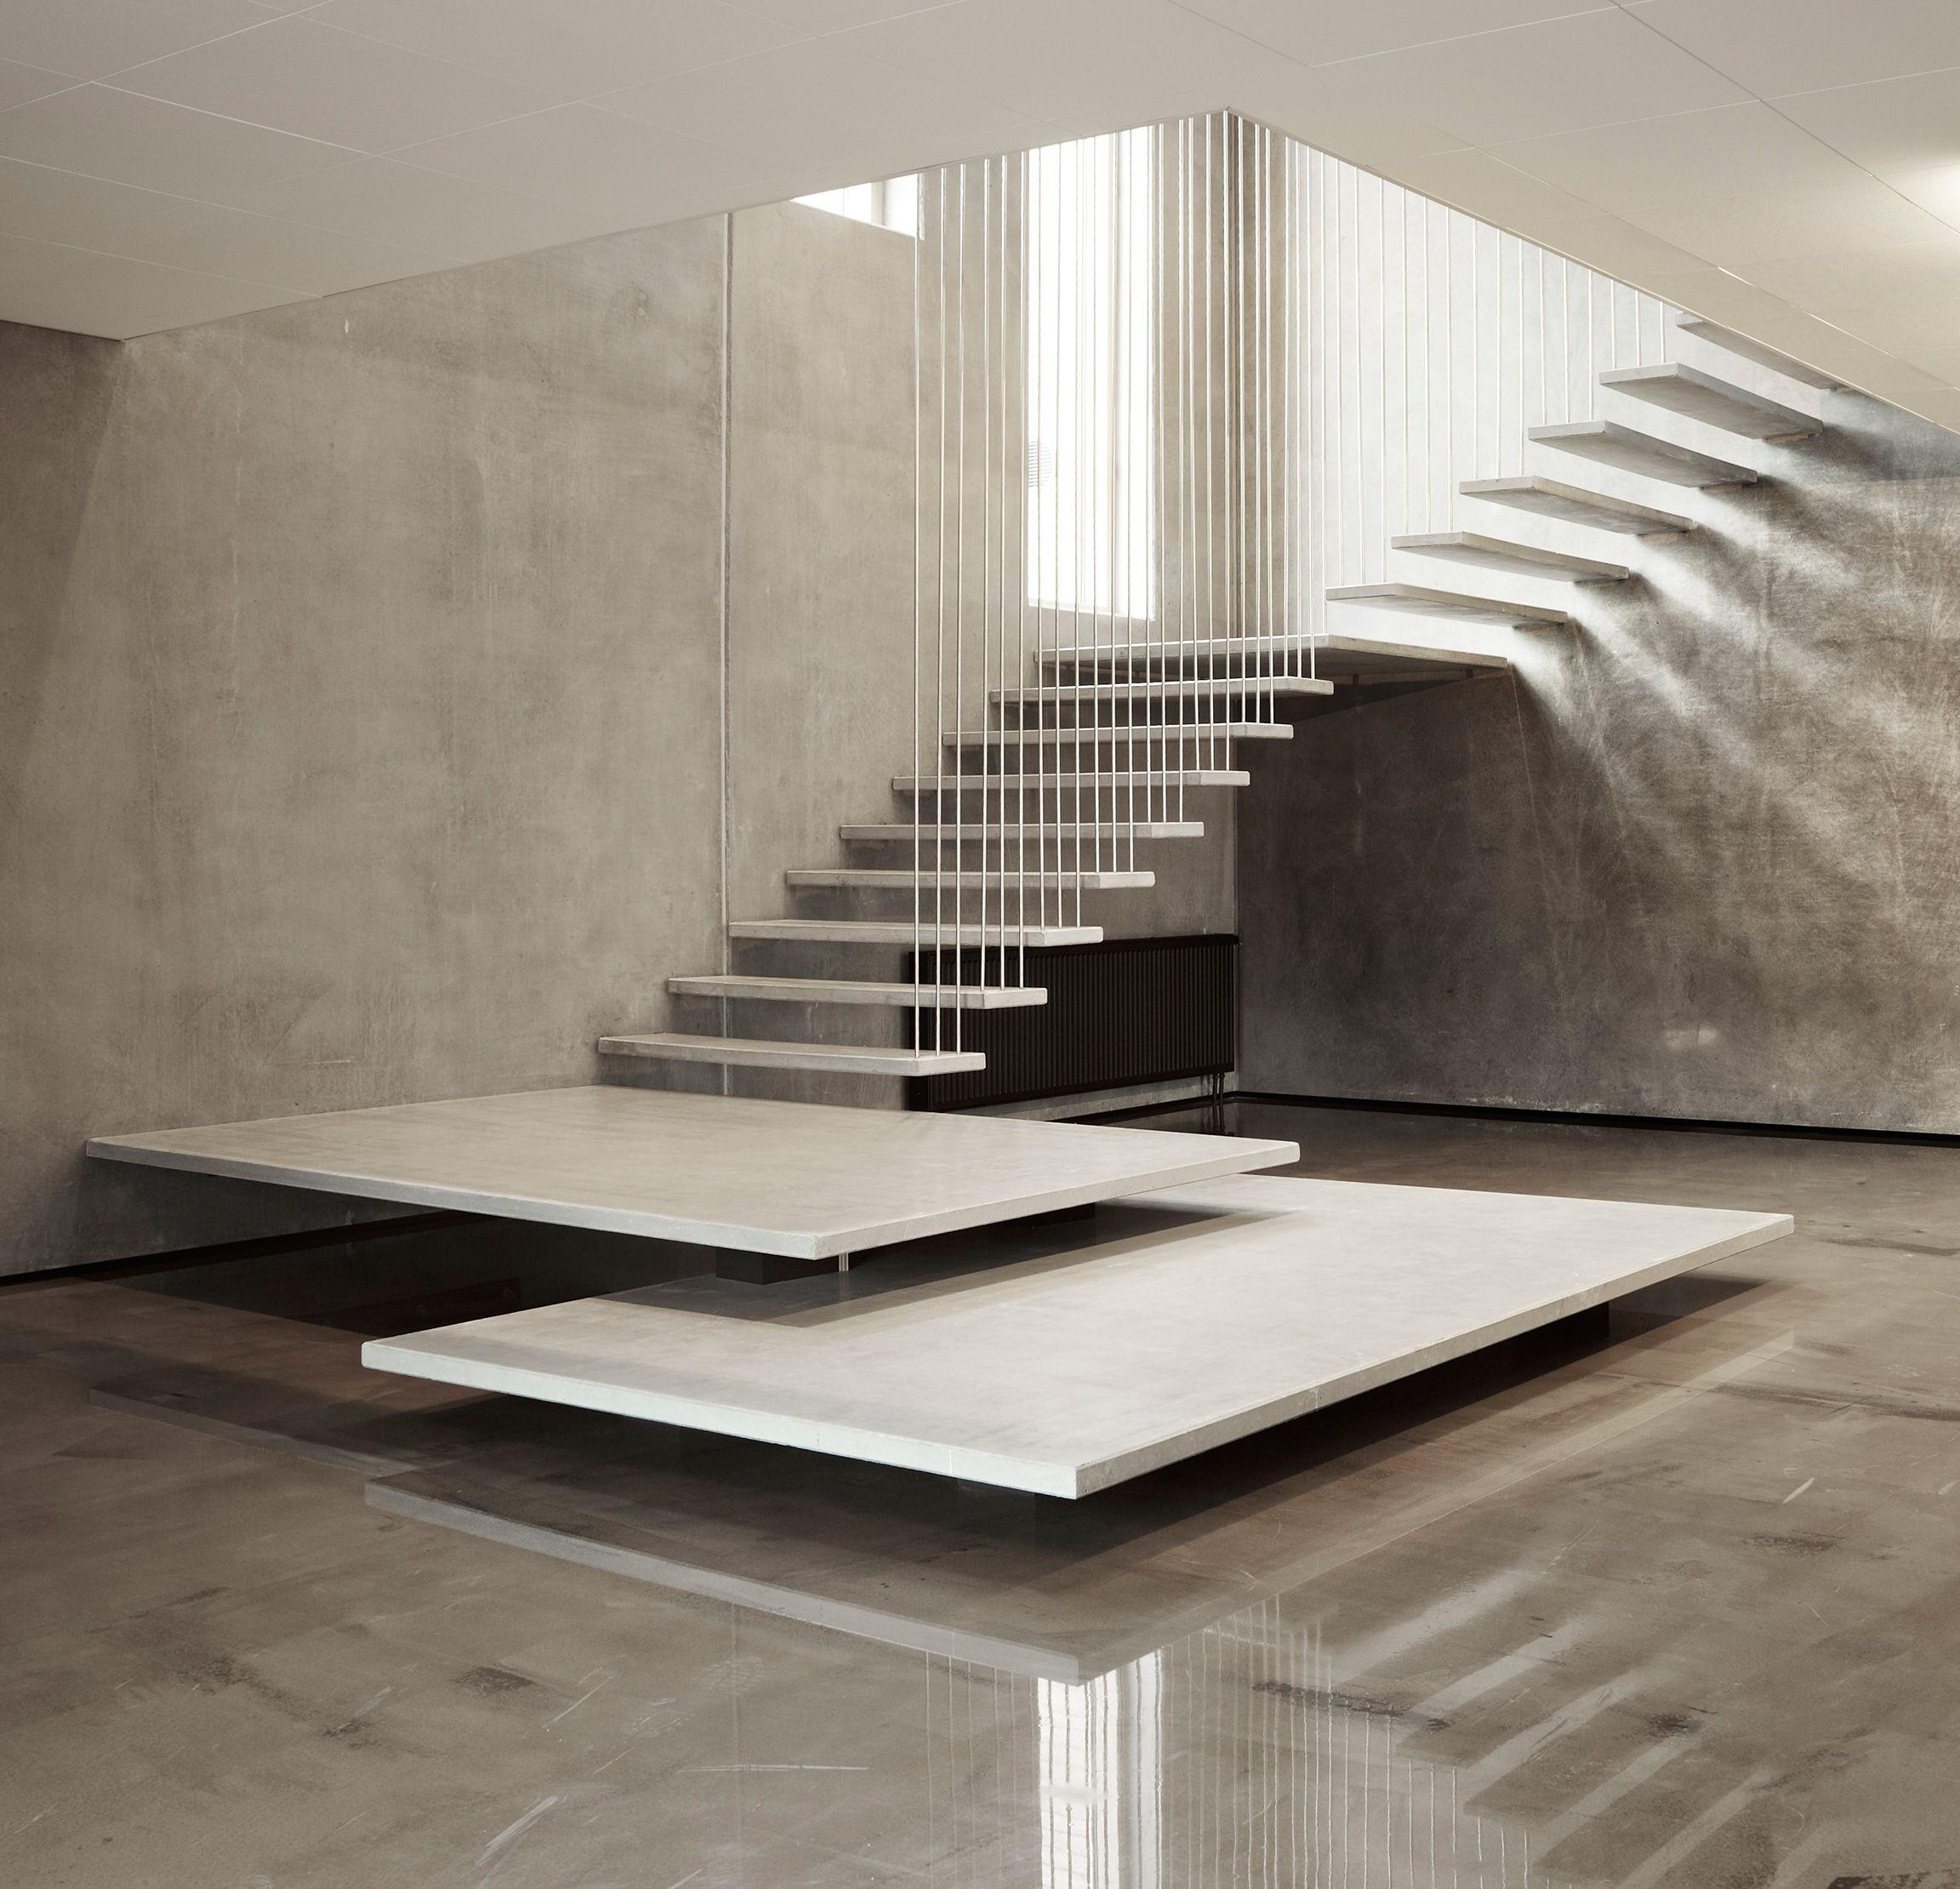 M s de 25 ideas incre bles sobre escaleras y rampas en for Escaleras arquitectura